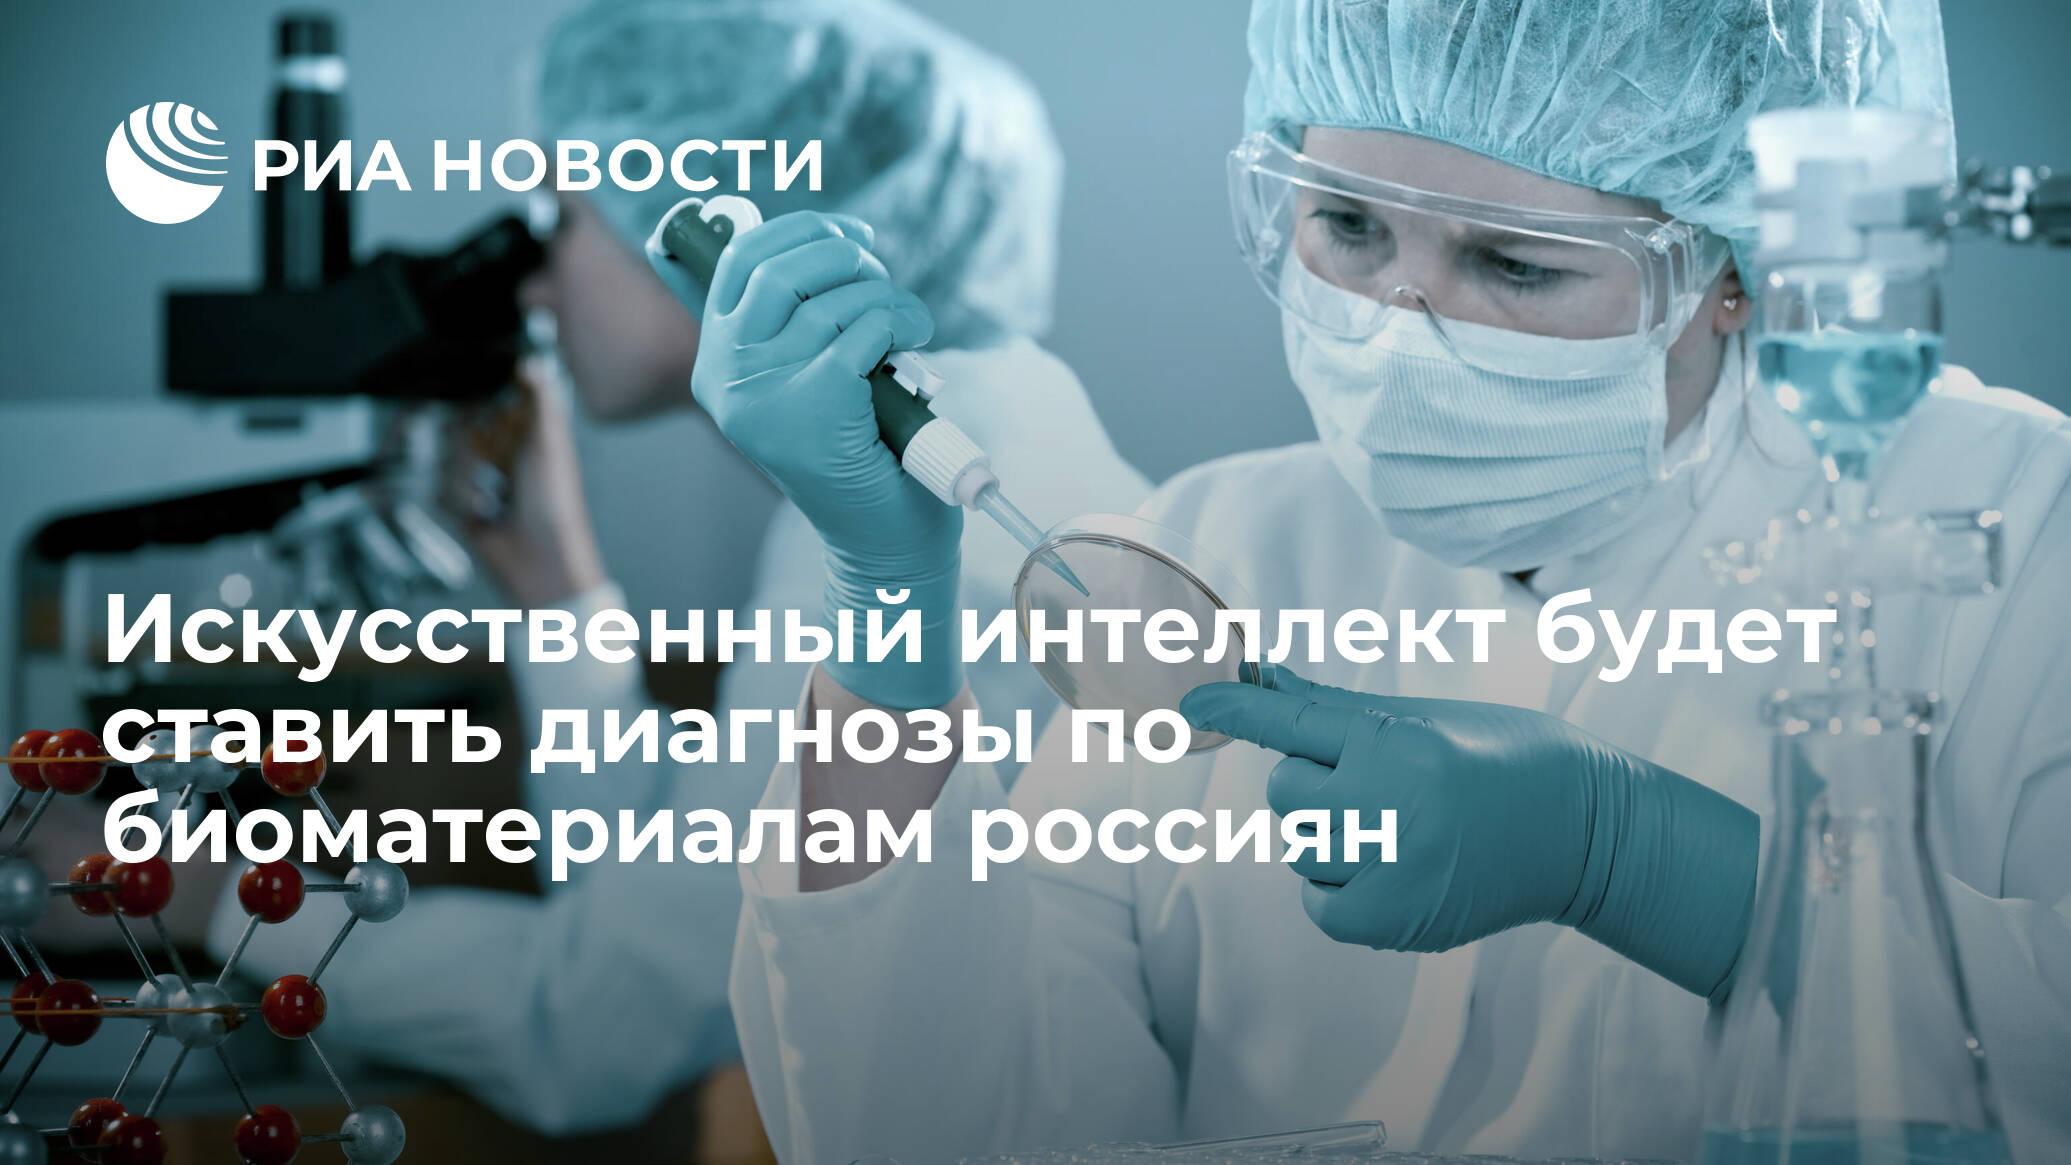 Искусственный интеллект будет ставить диагнозы по биоматериалам россиян